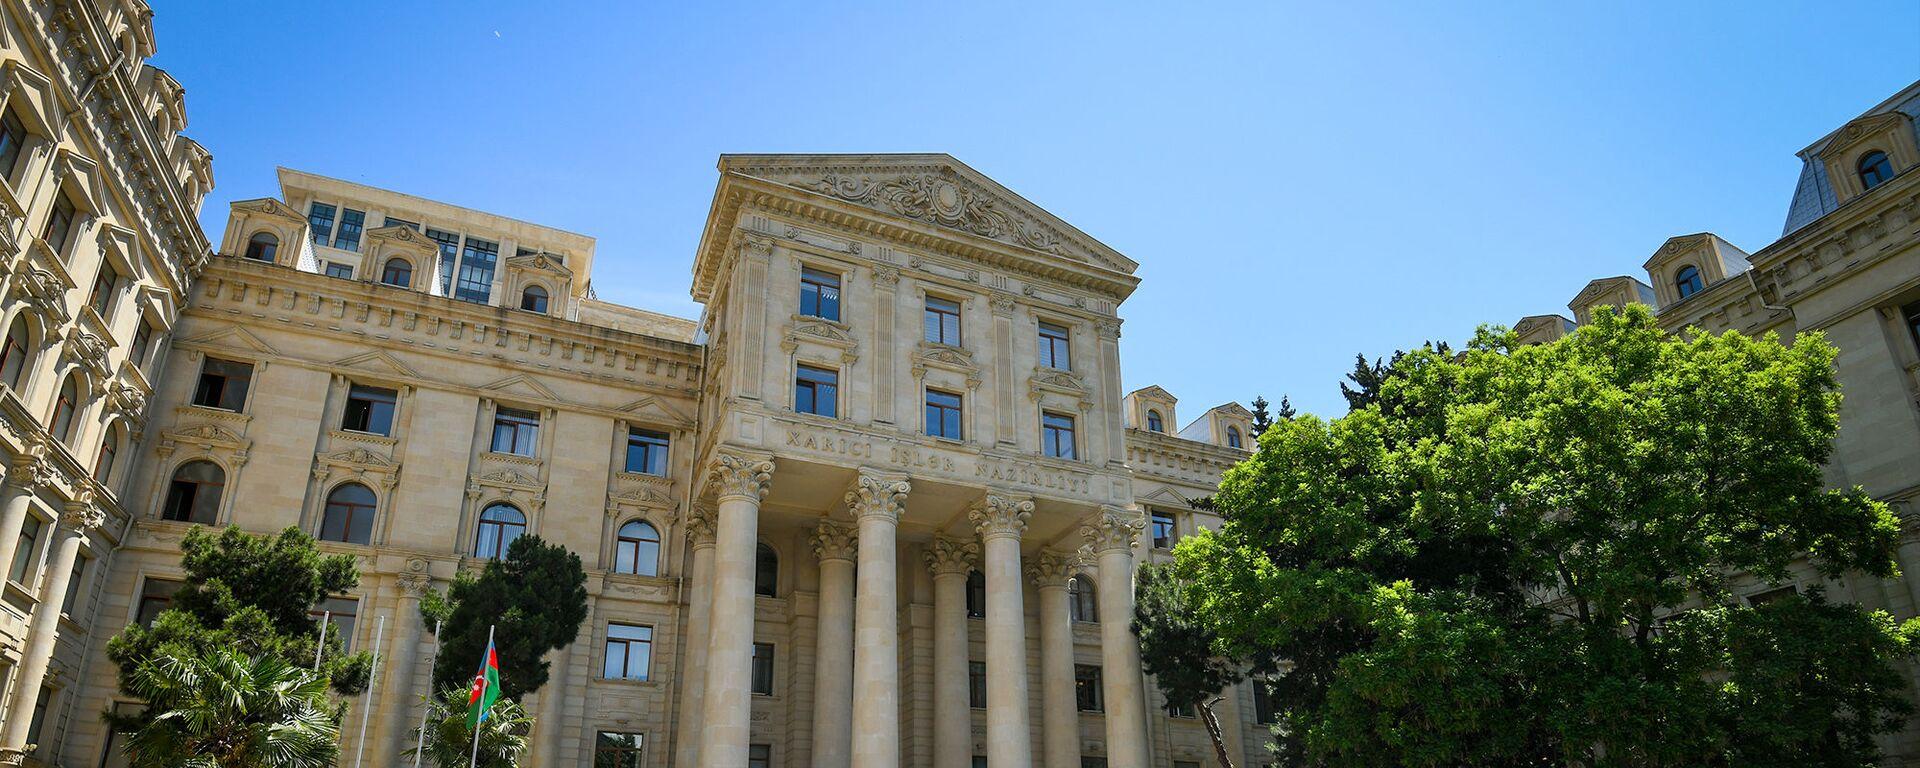 Здание Министерства иностранных дел Азербайджанской Республики в Баку - Sputnik Азербайджан, 1920, 20.01.2021